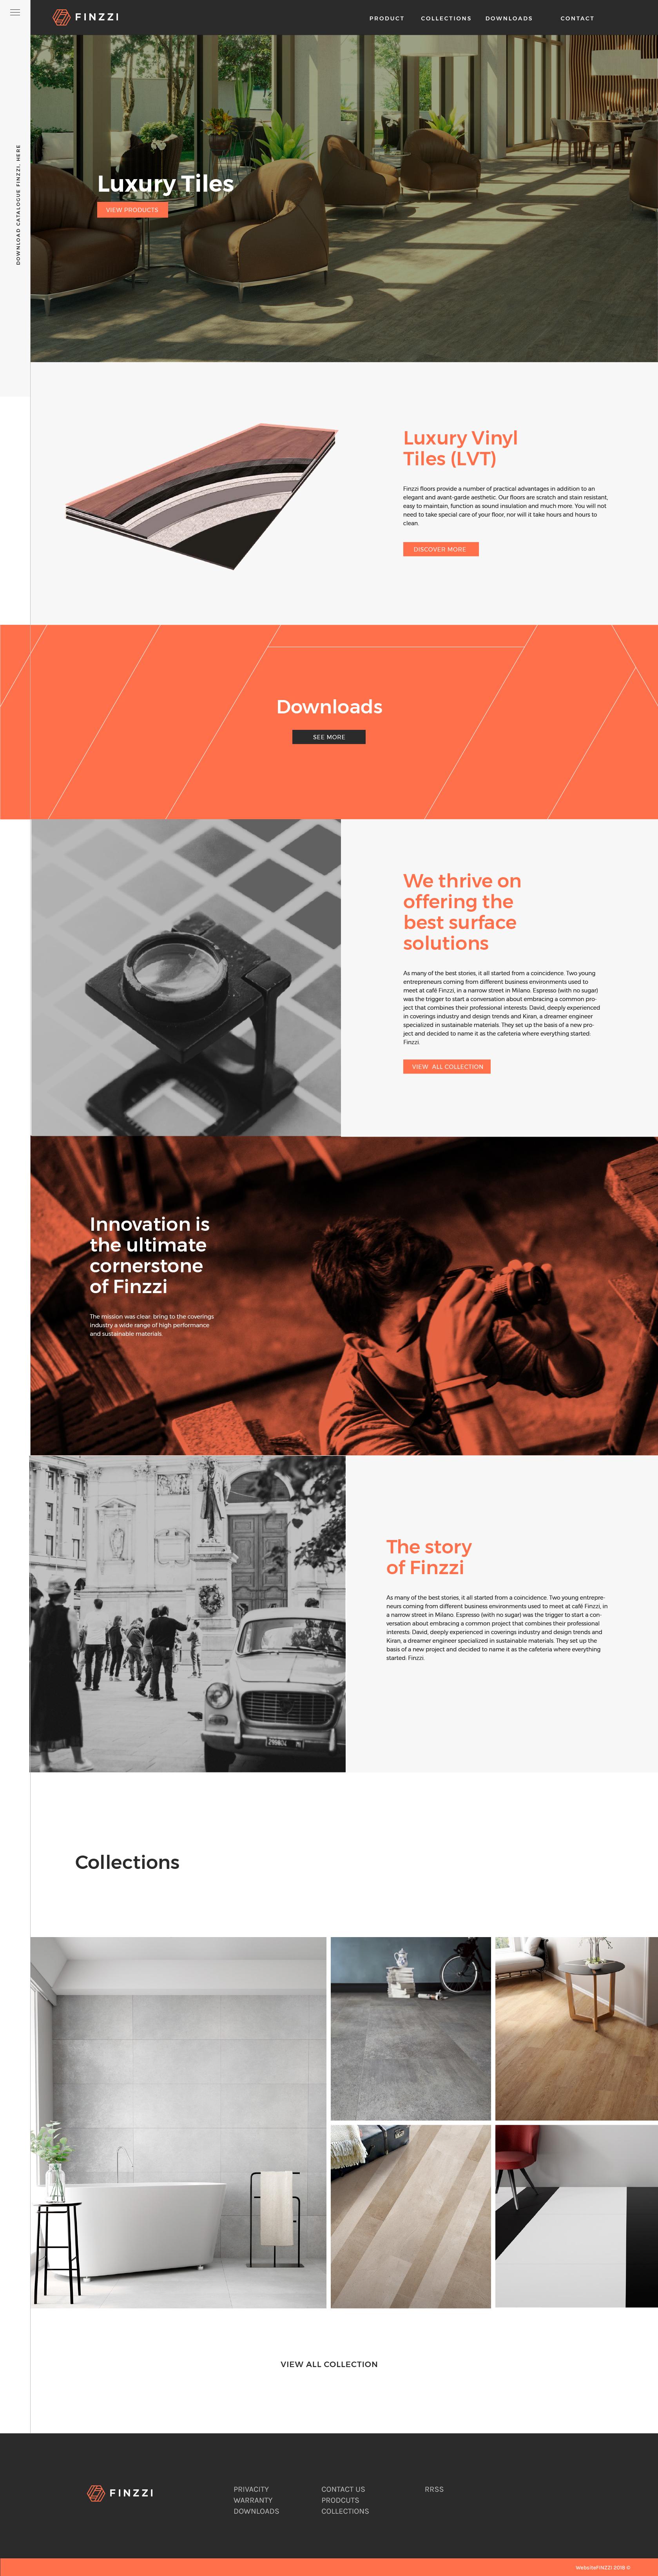 Boro-Serra_Web_Design_Finzzi-02